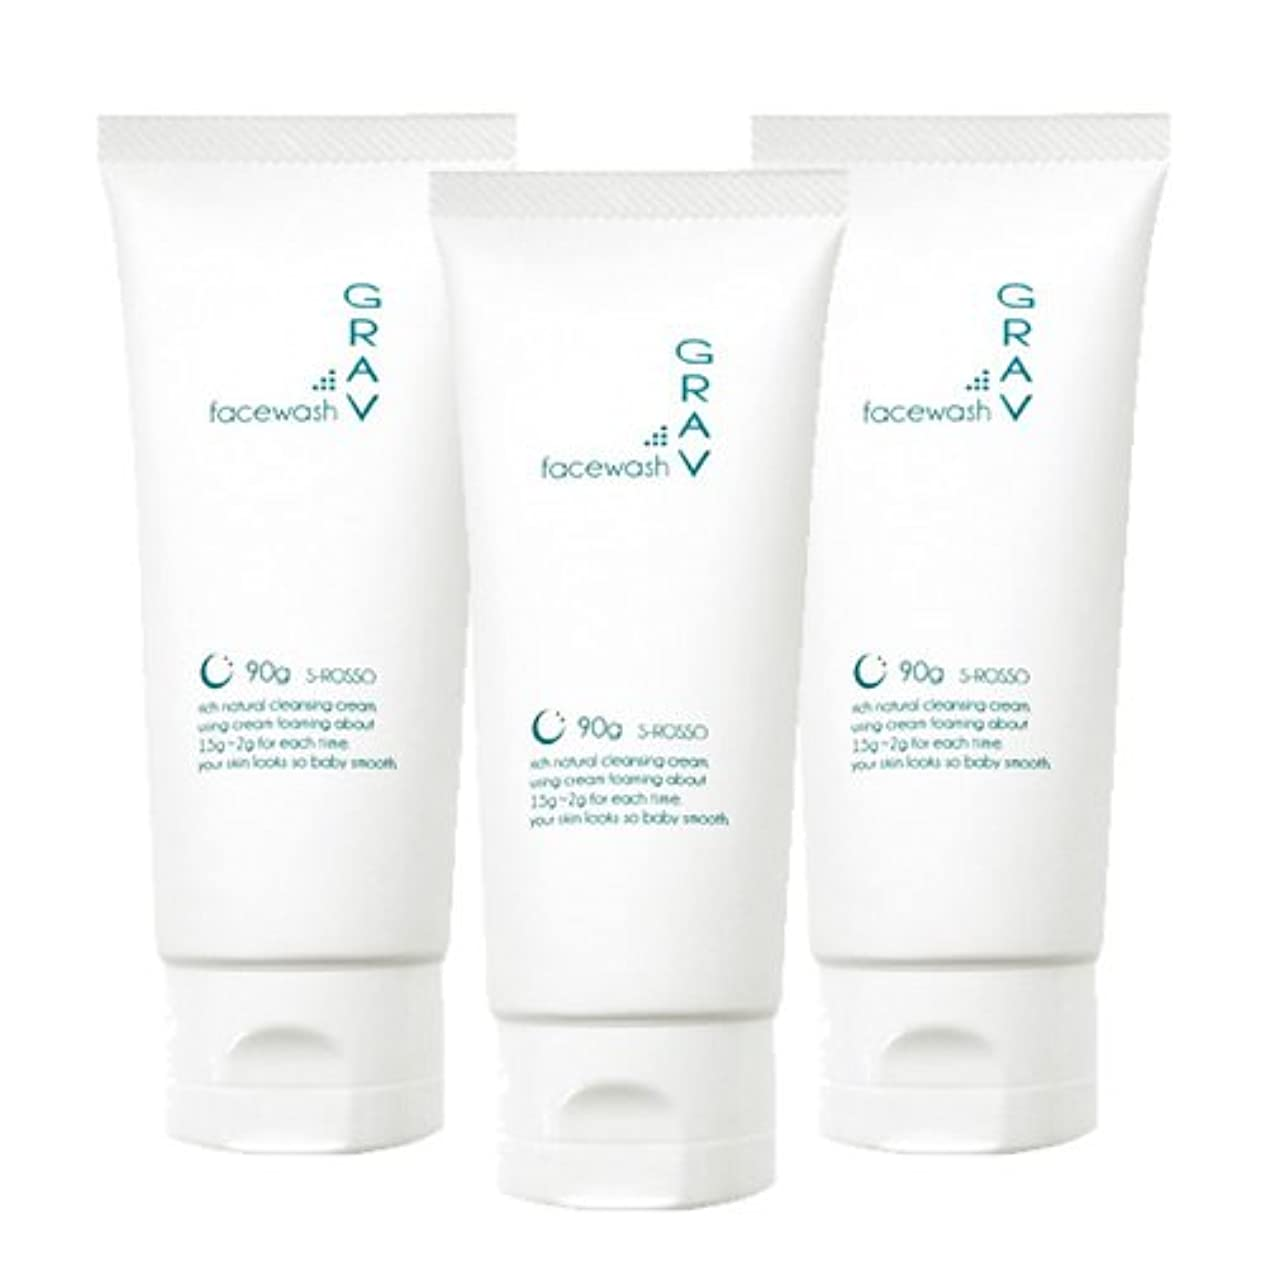 相対サイズ薄いビュッフェGRAV facewash(グラヴ フェイスウォッシュ) (3本セット)